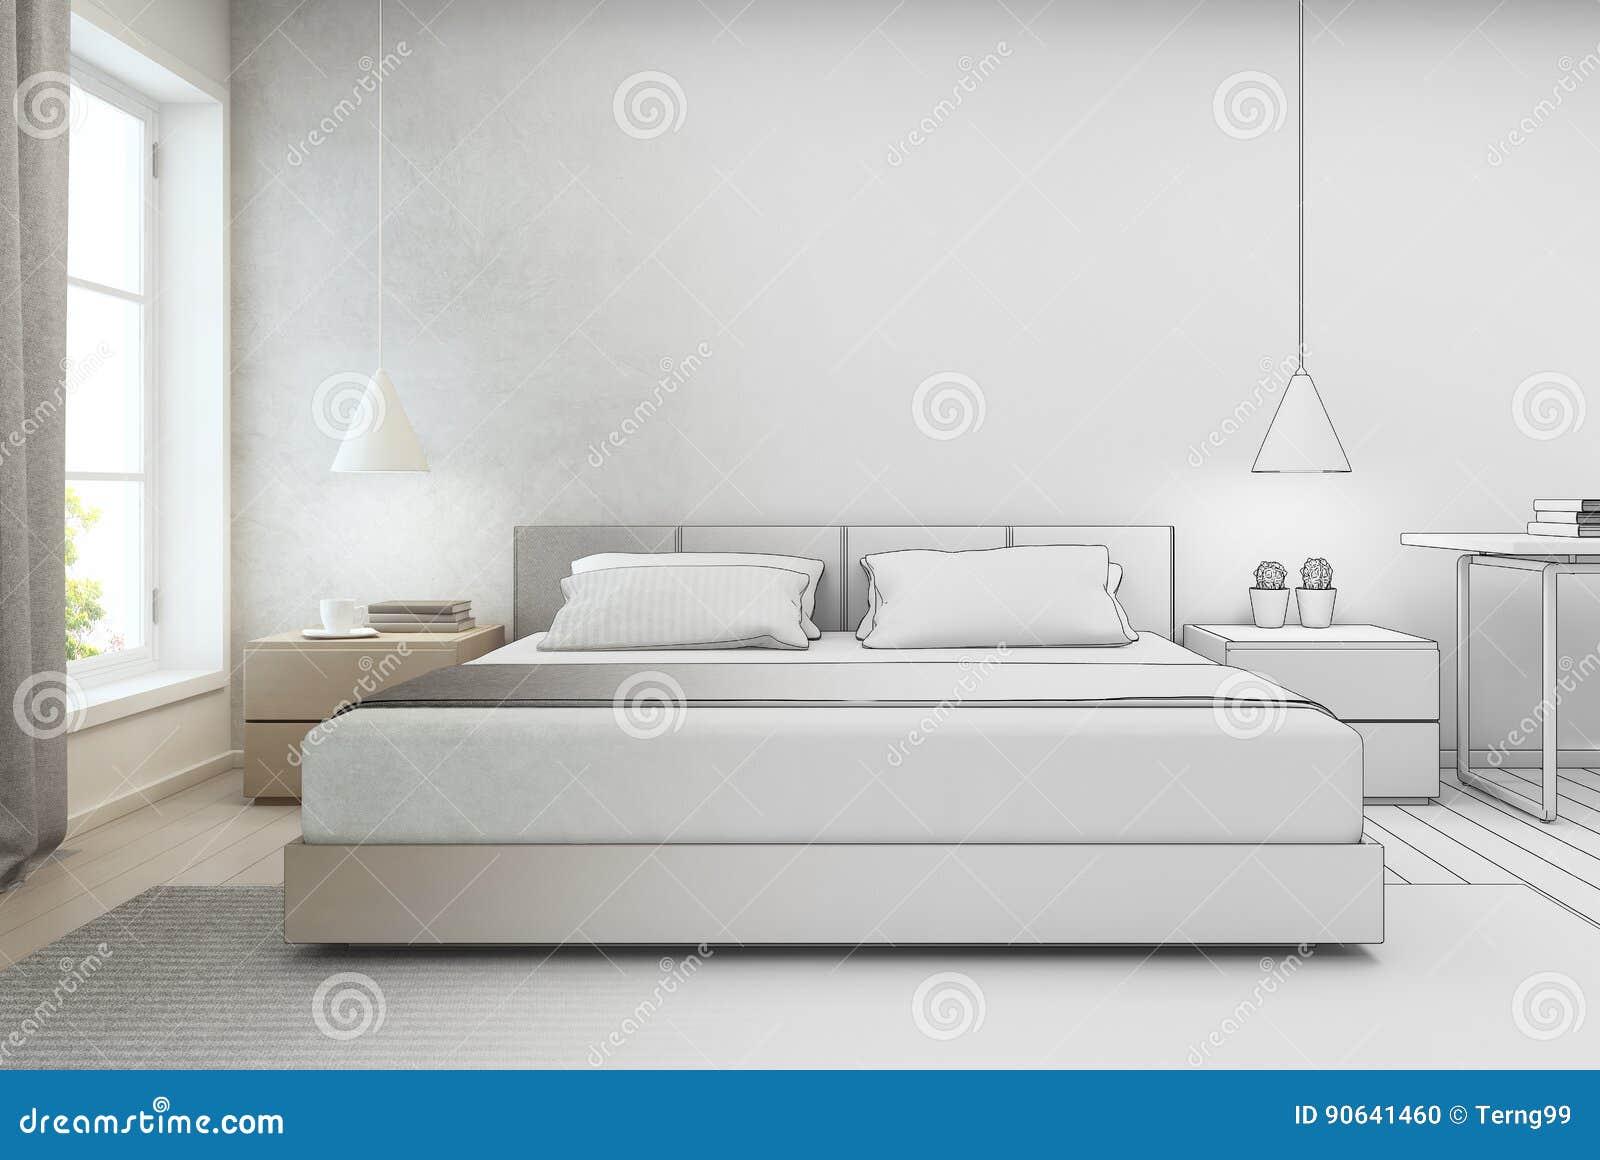 Stunning progettare camera da letto contemporary house for Progettare camera da letto 3d